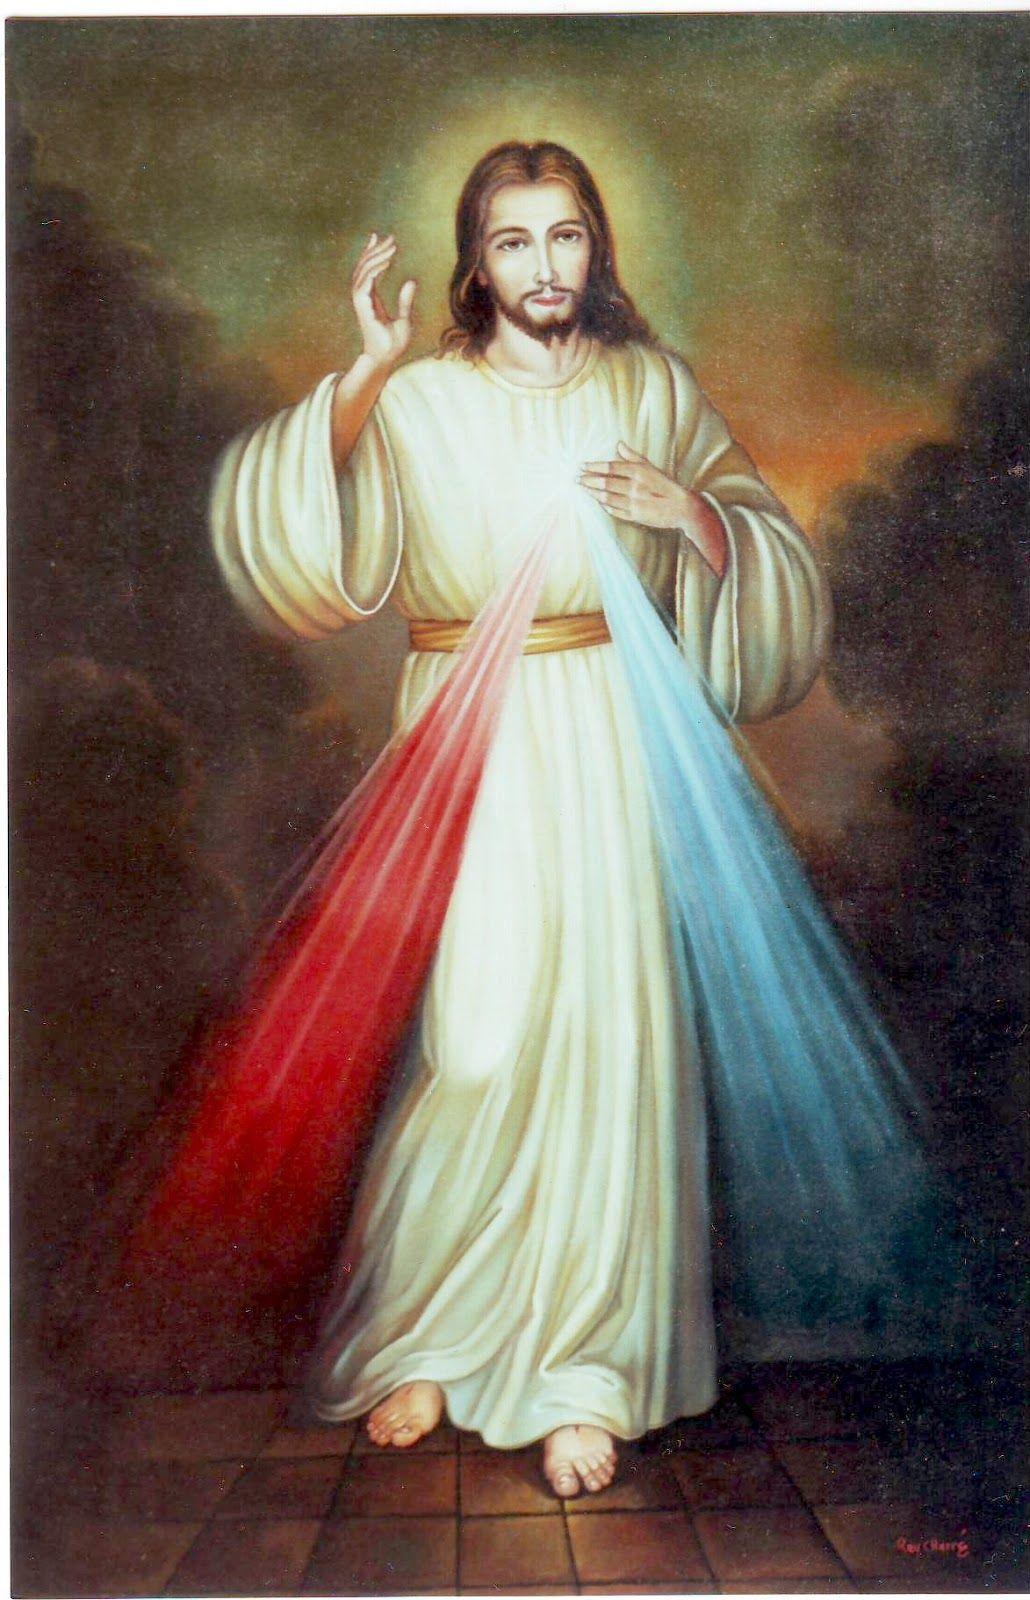 Fabuloso Várias imagens de Jesus Misericordioso para abençoar sua vida  BR48